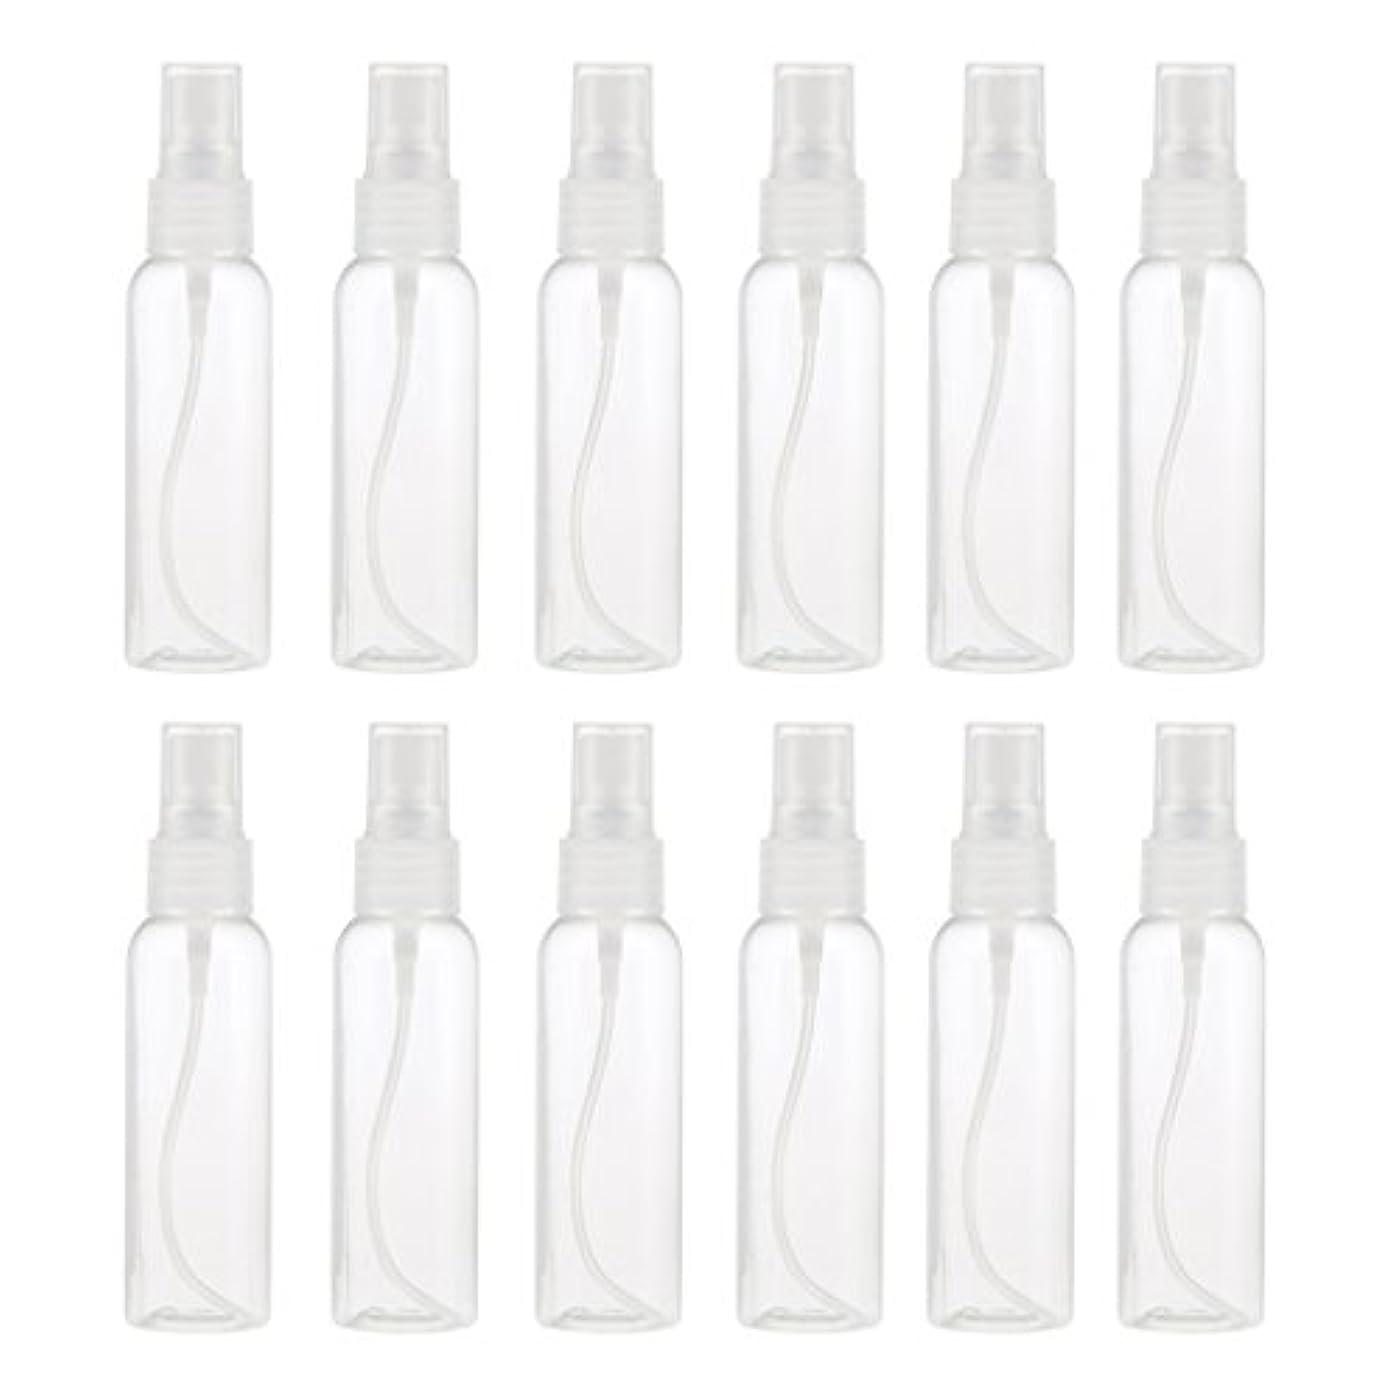 重要性違反スムーズにKesoto お買得 プラスチック 分装瓶 スプレーボトル ミストアトマイザー 液体香水 詰め替え 旅行用 60ml 12PCS - クリア